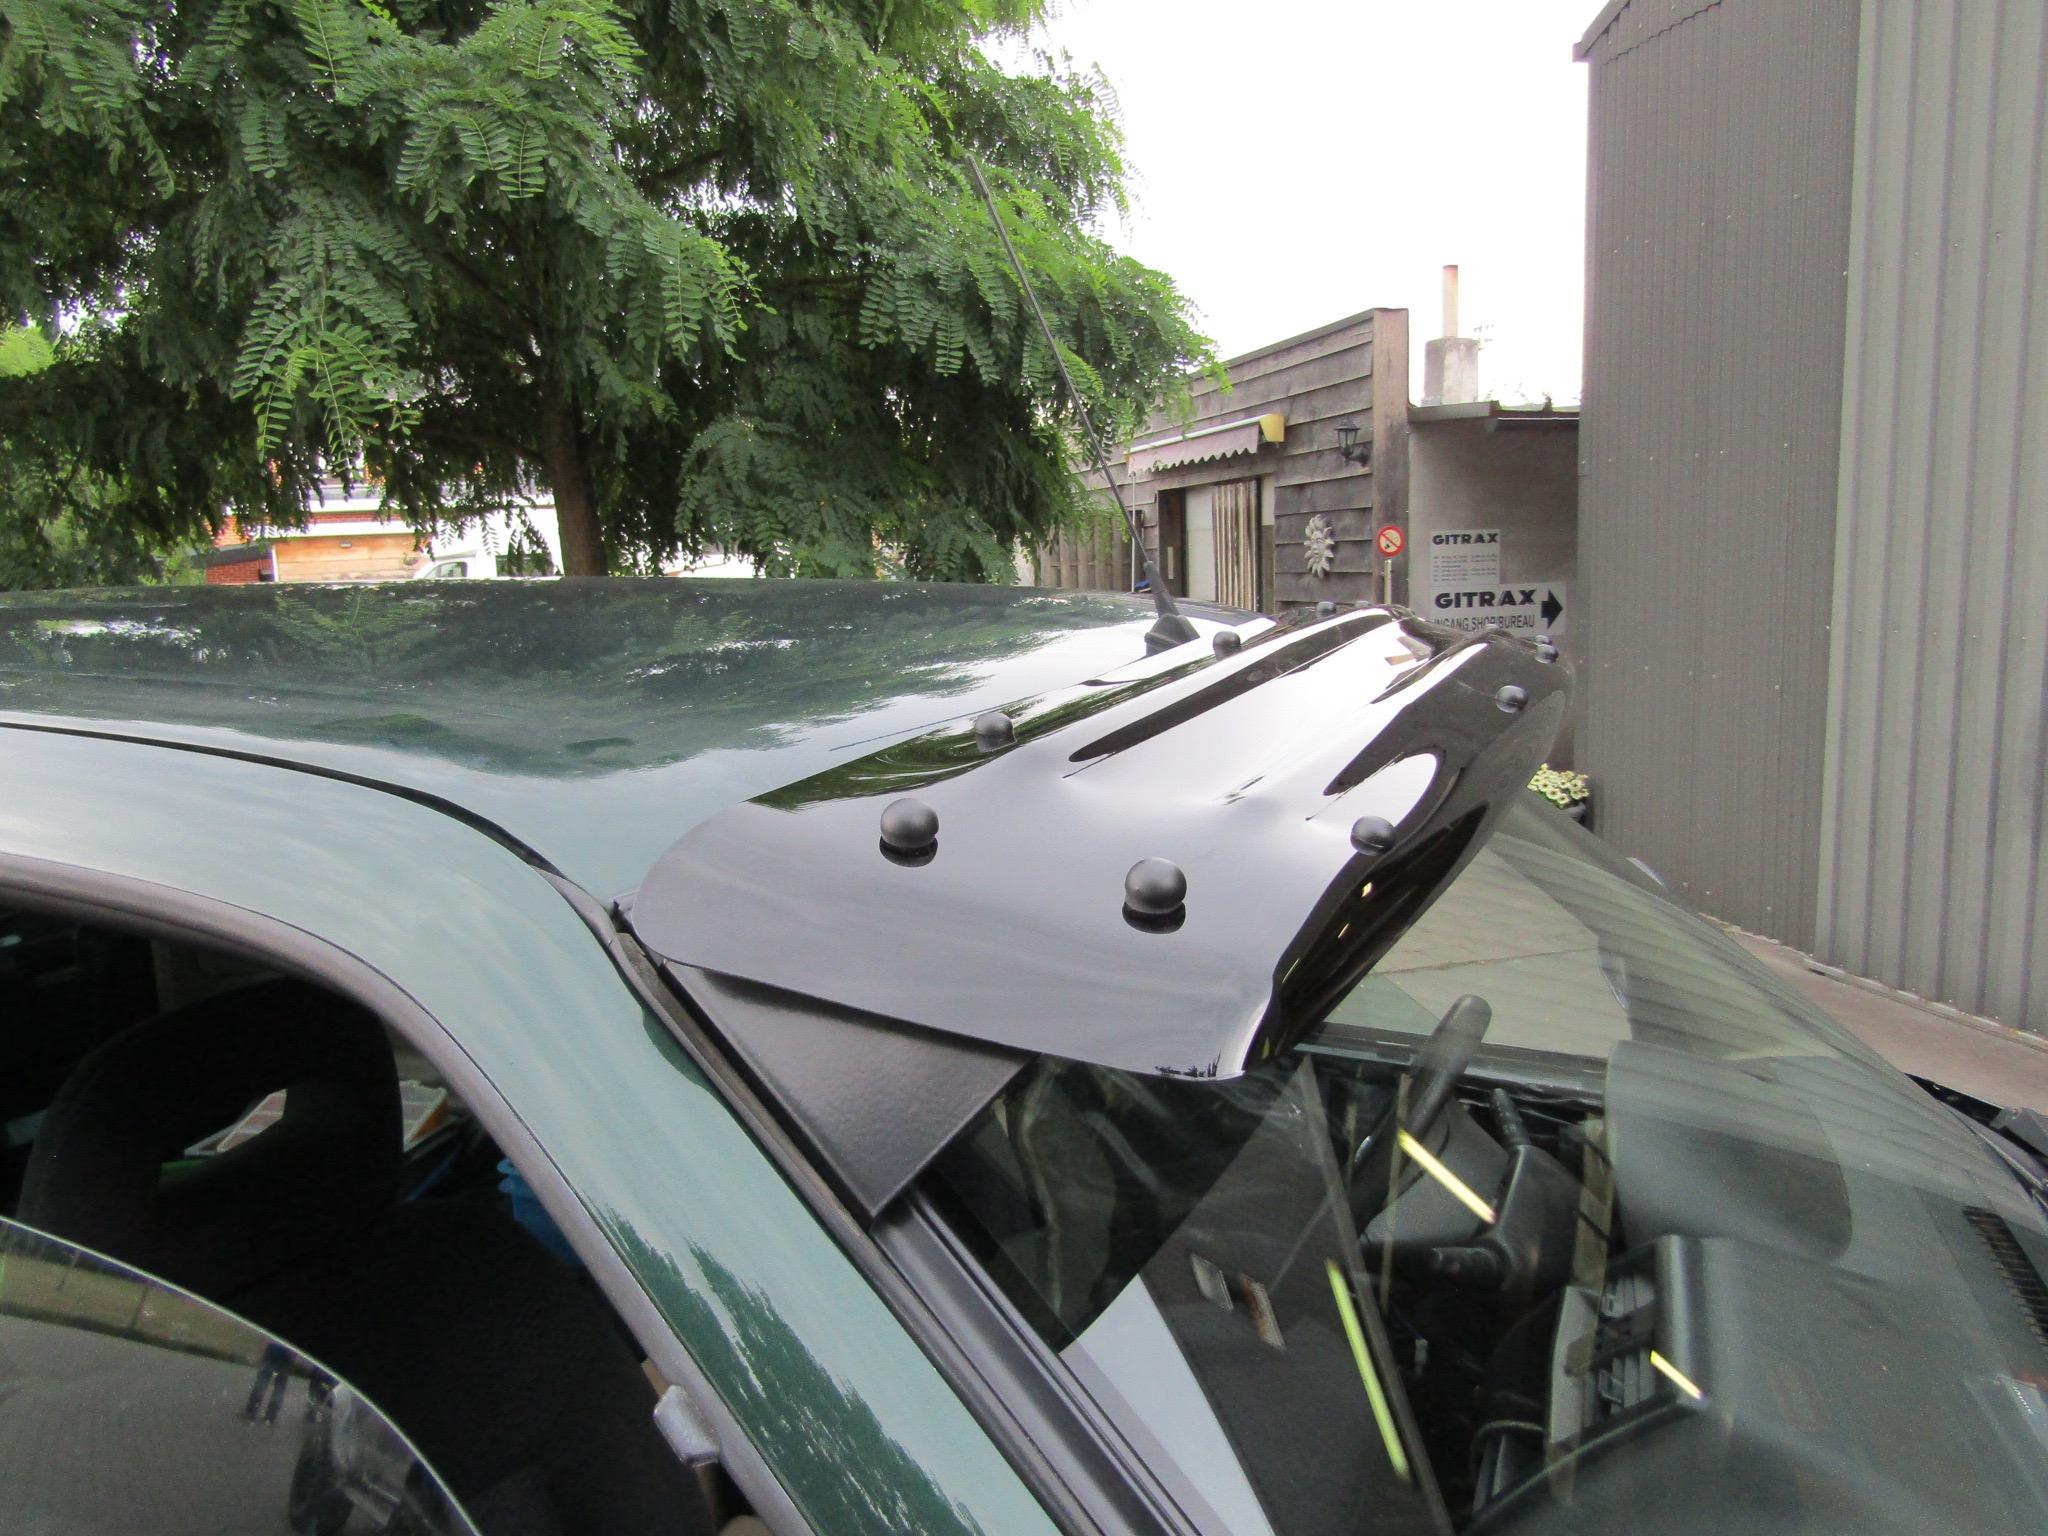 Nissan Terrano Gitrax